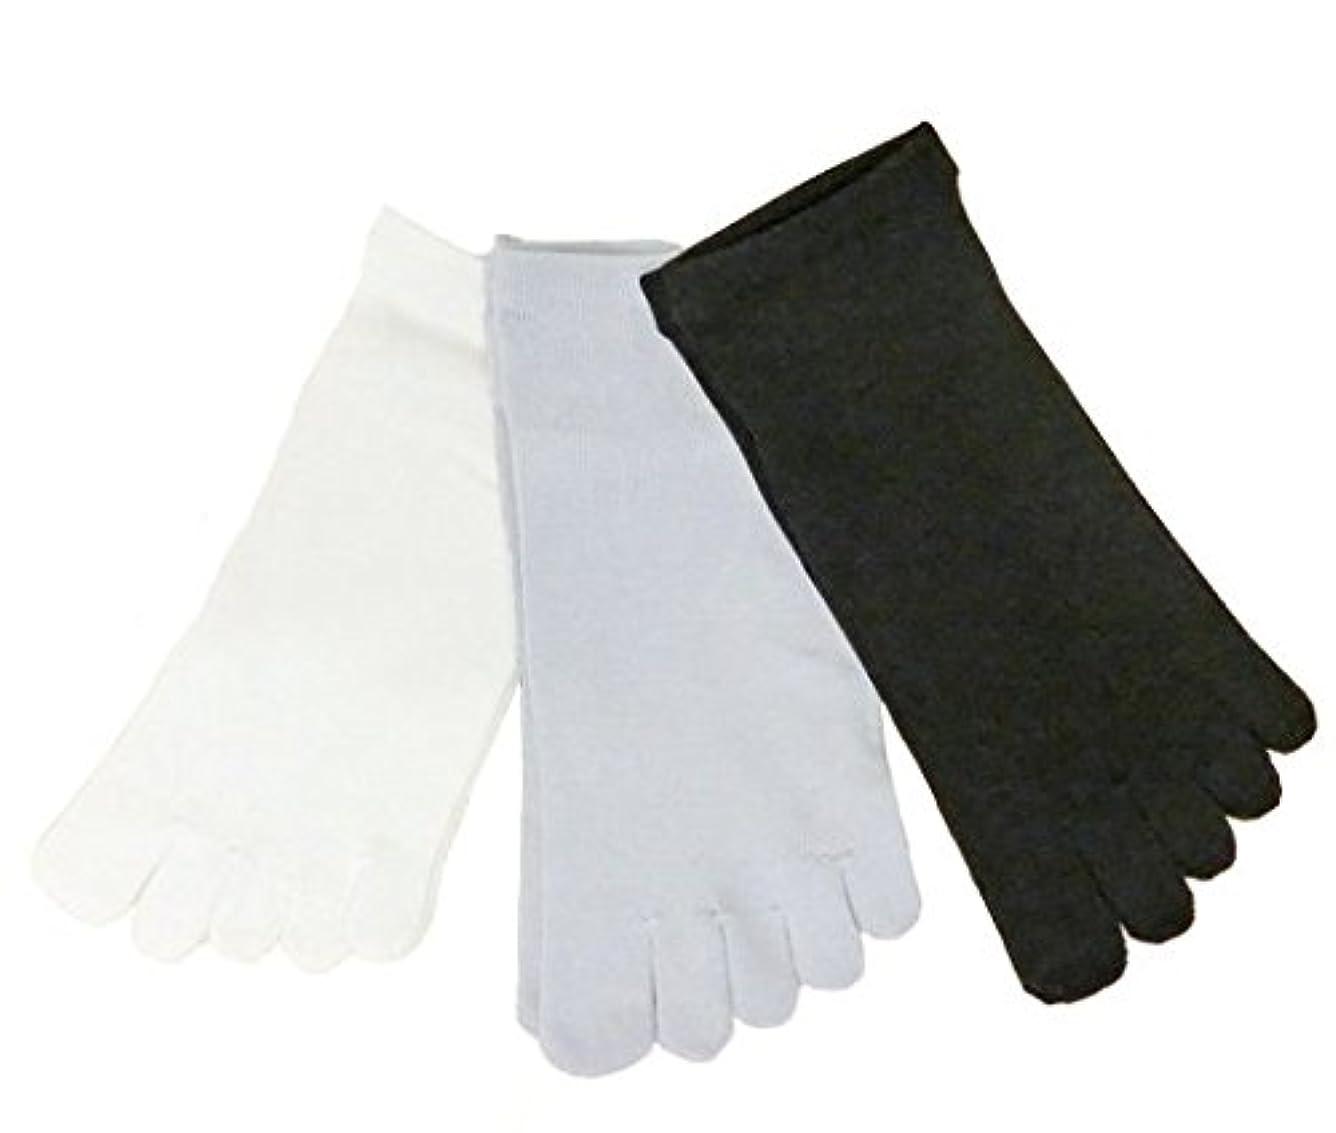 深さ者憂鬱な【3足セット】シルク 五本指 ソックス 25-27cm 日本製 (アソート)絹 靴下